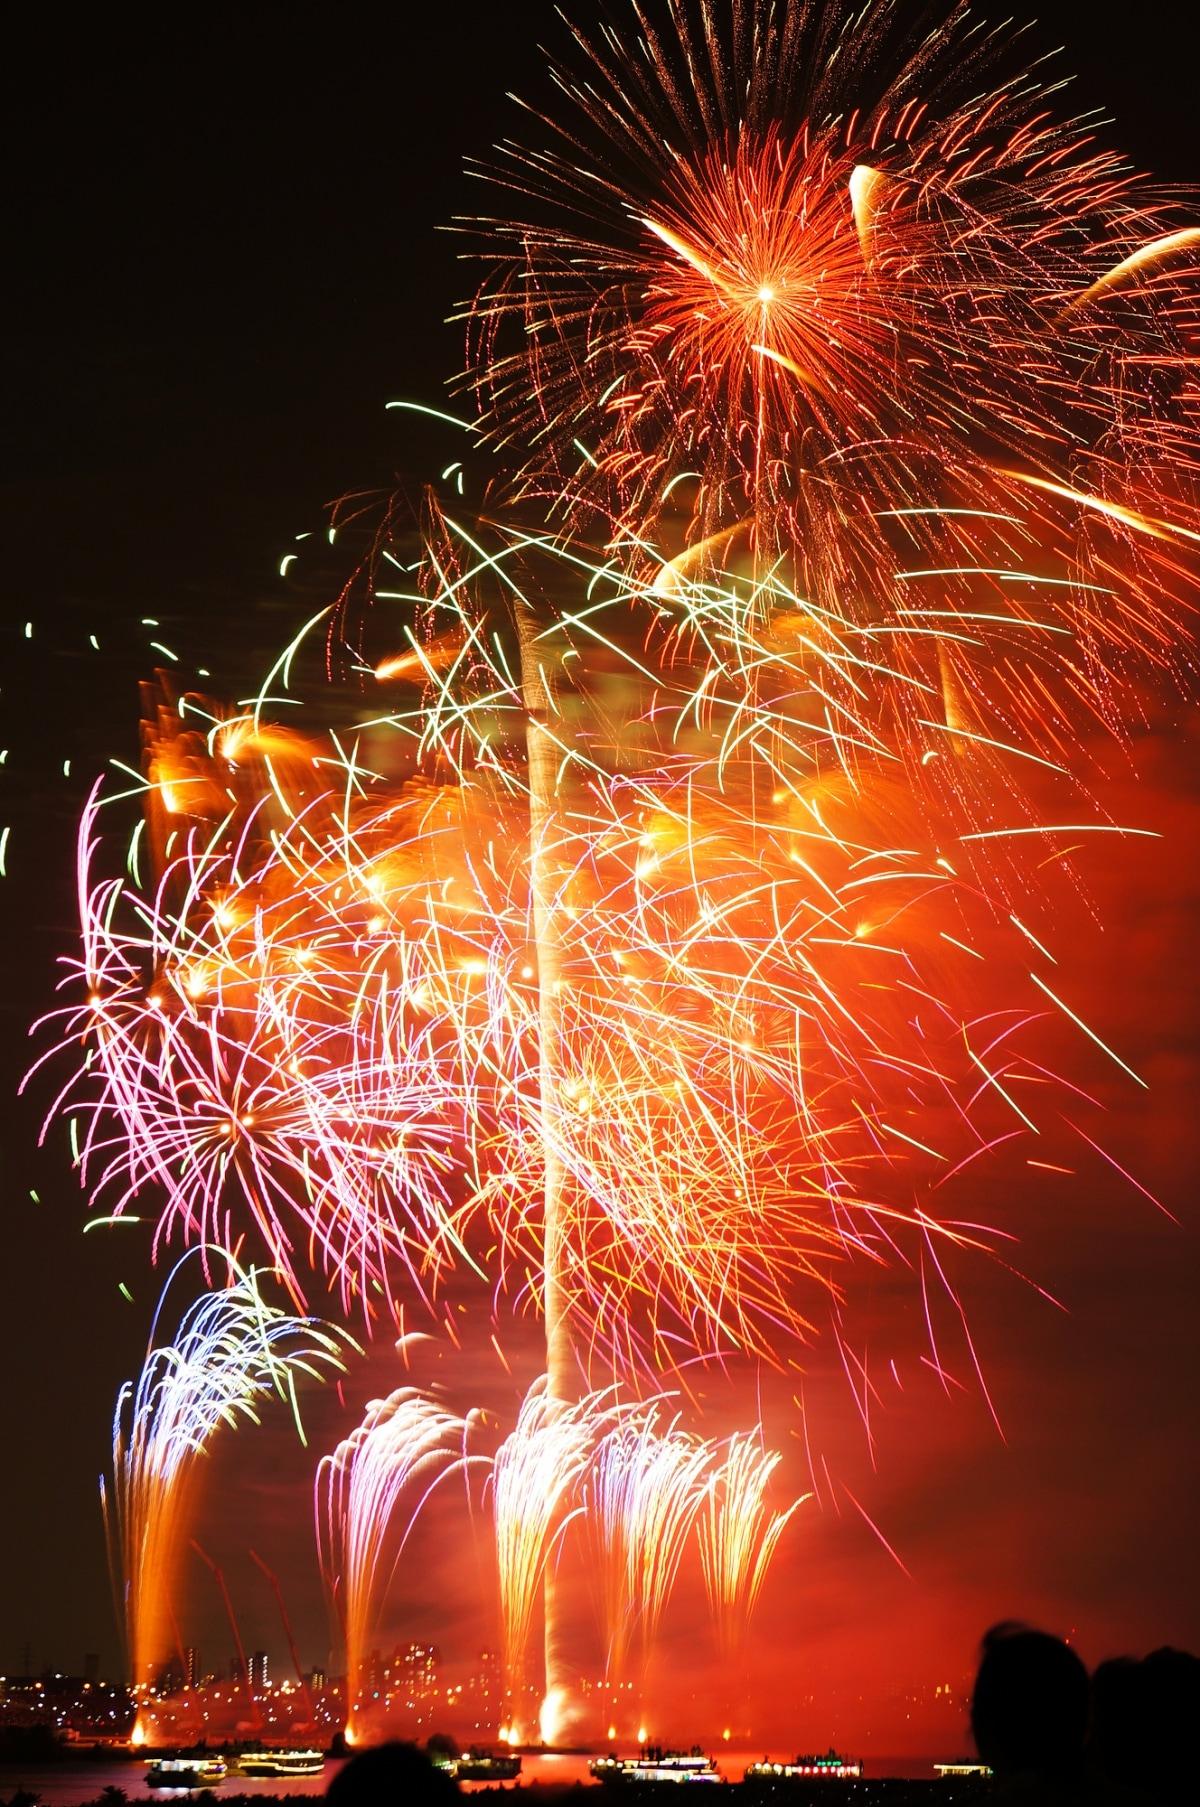 3. Edogawa & Ichikawa Fireworks Festival